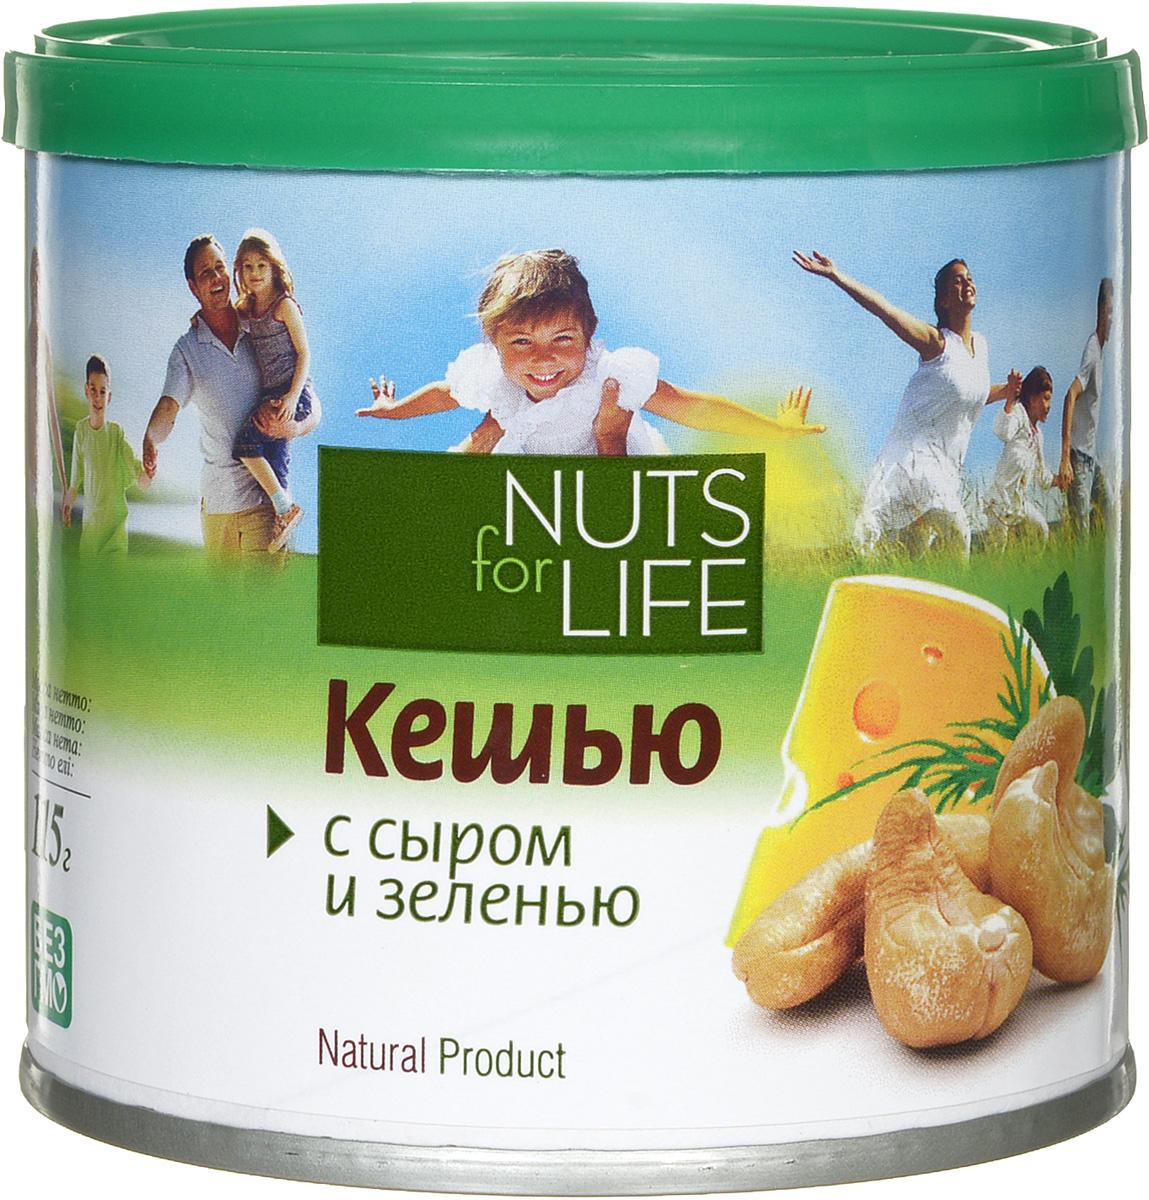 Nuts for Life Кешью обжаренный соленый с сыром и зеленью, 115 г